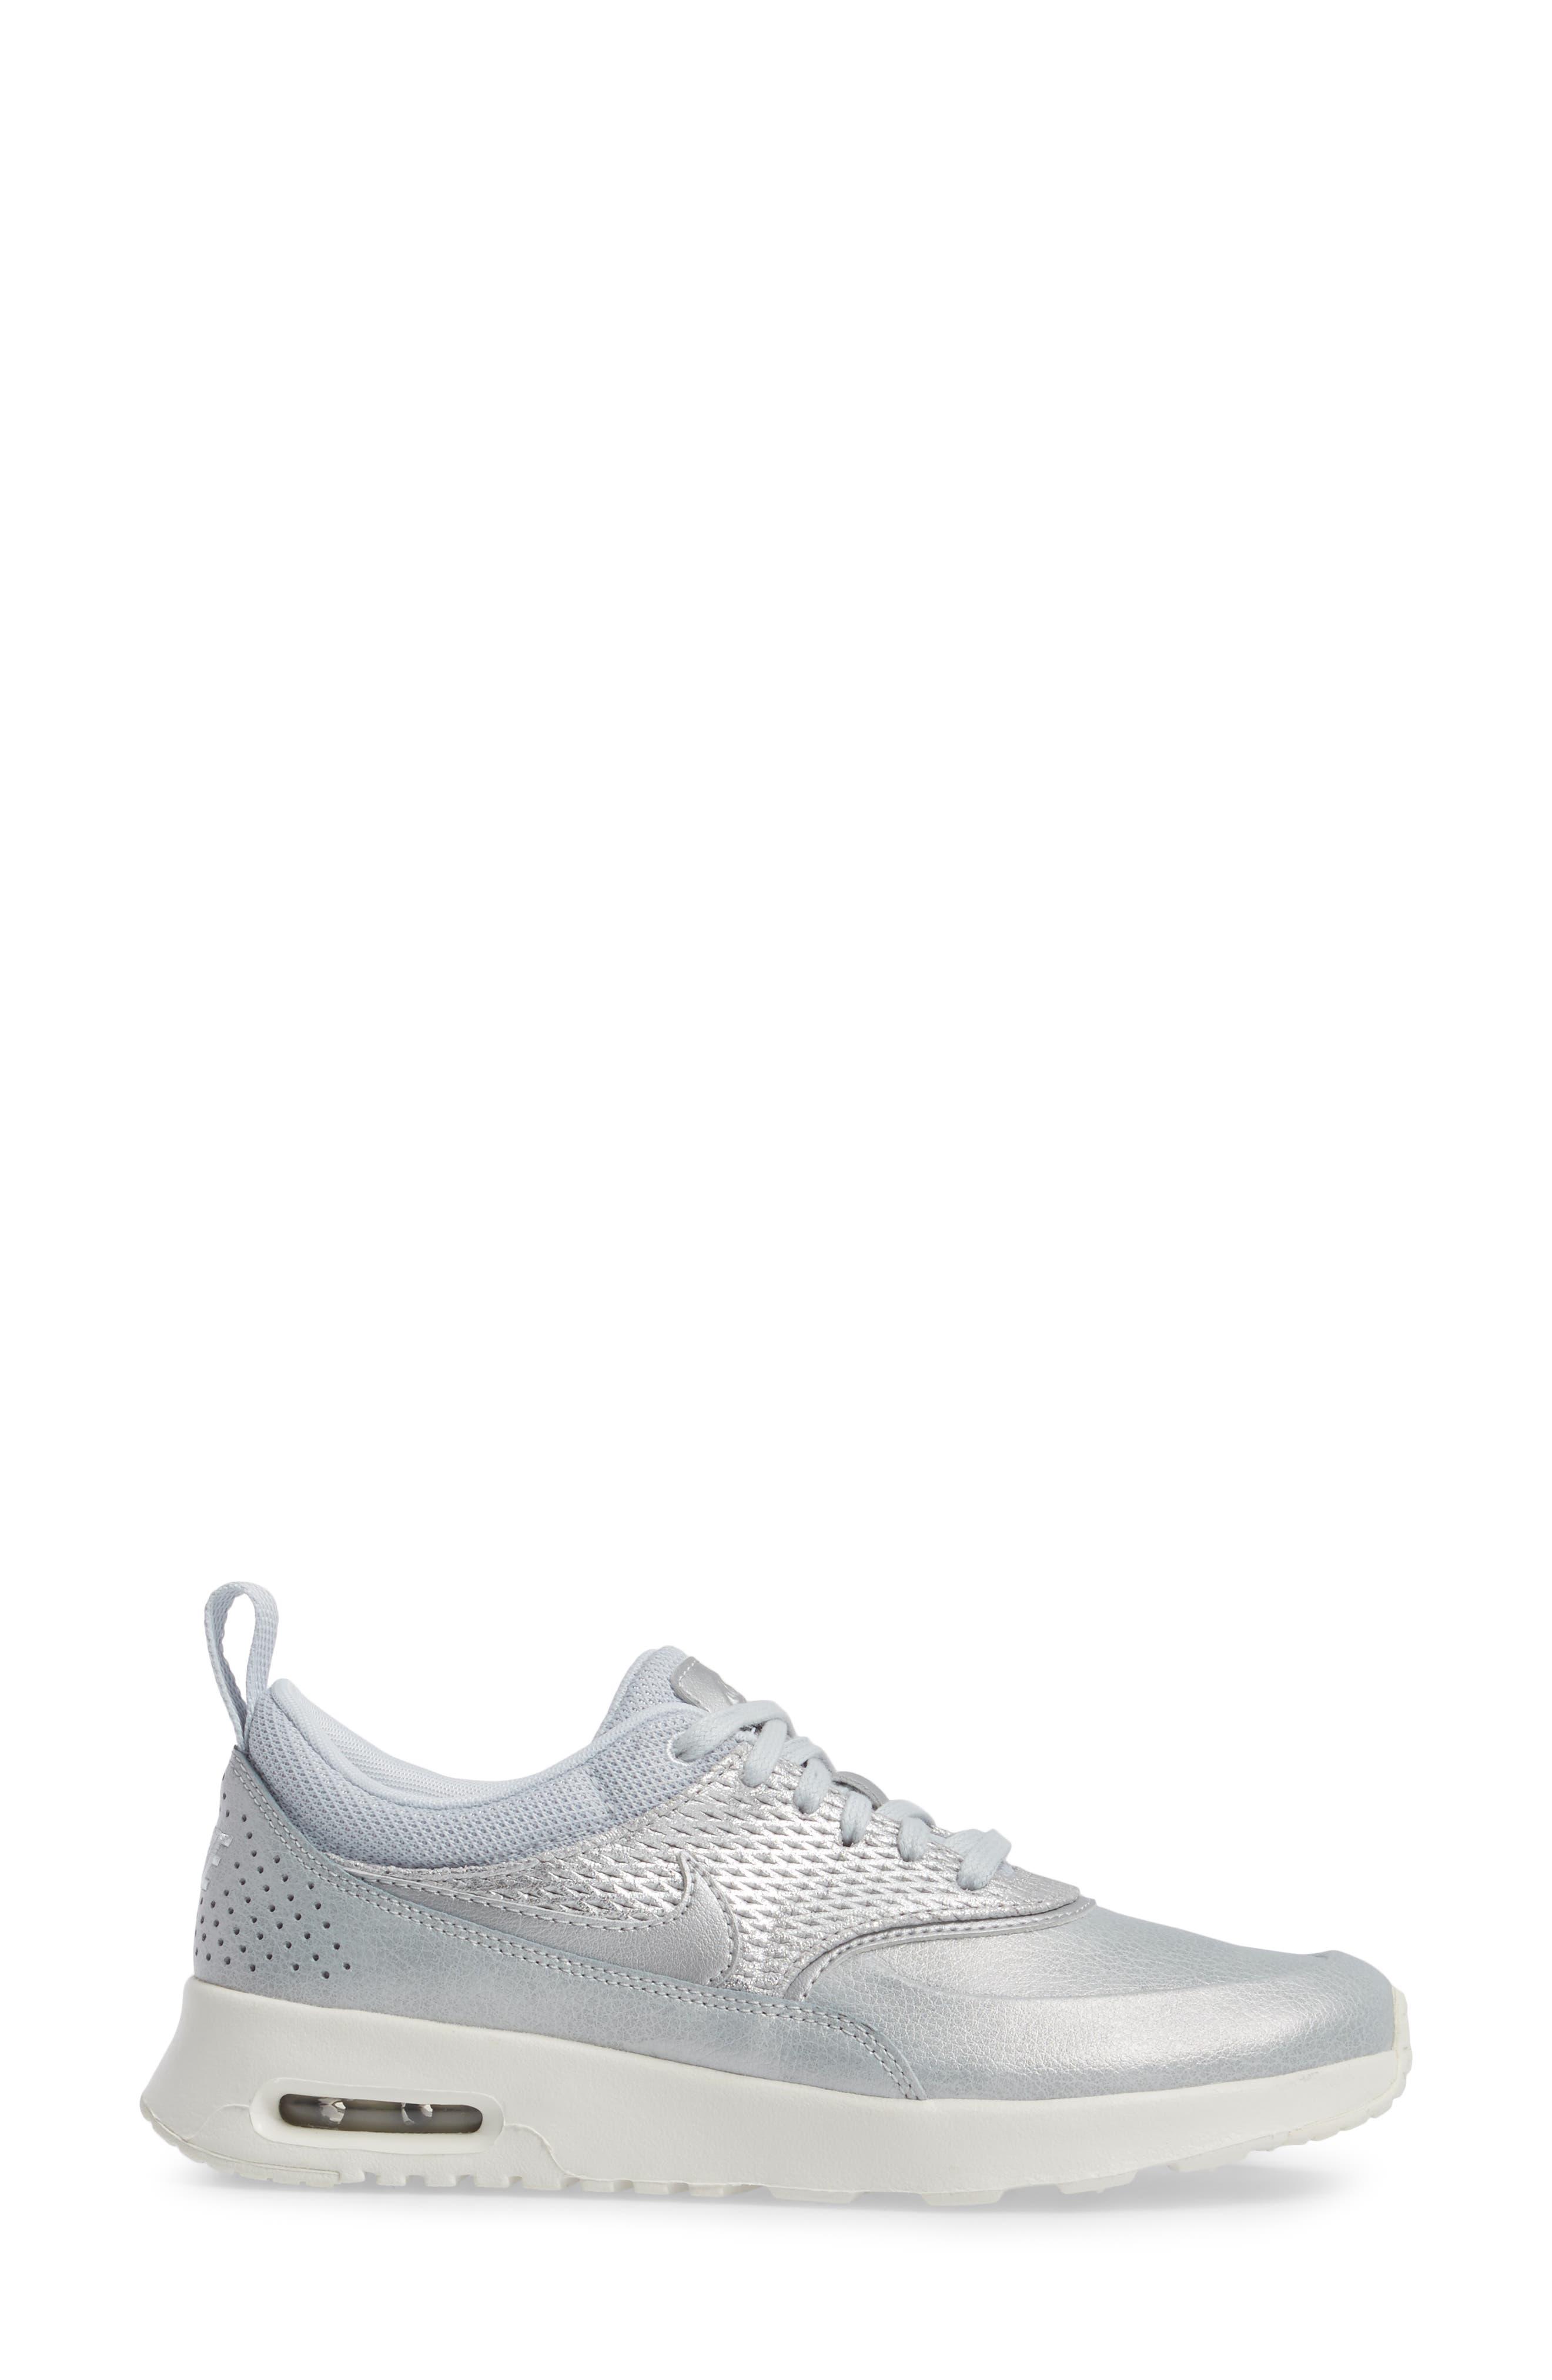 Air Max Thea Premium Sneaker,                             Alternate thumbnail 8, color,